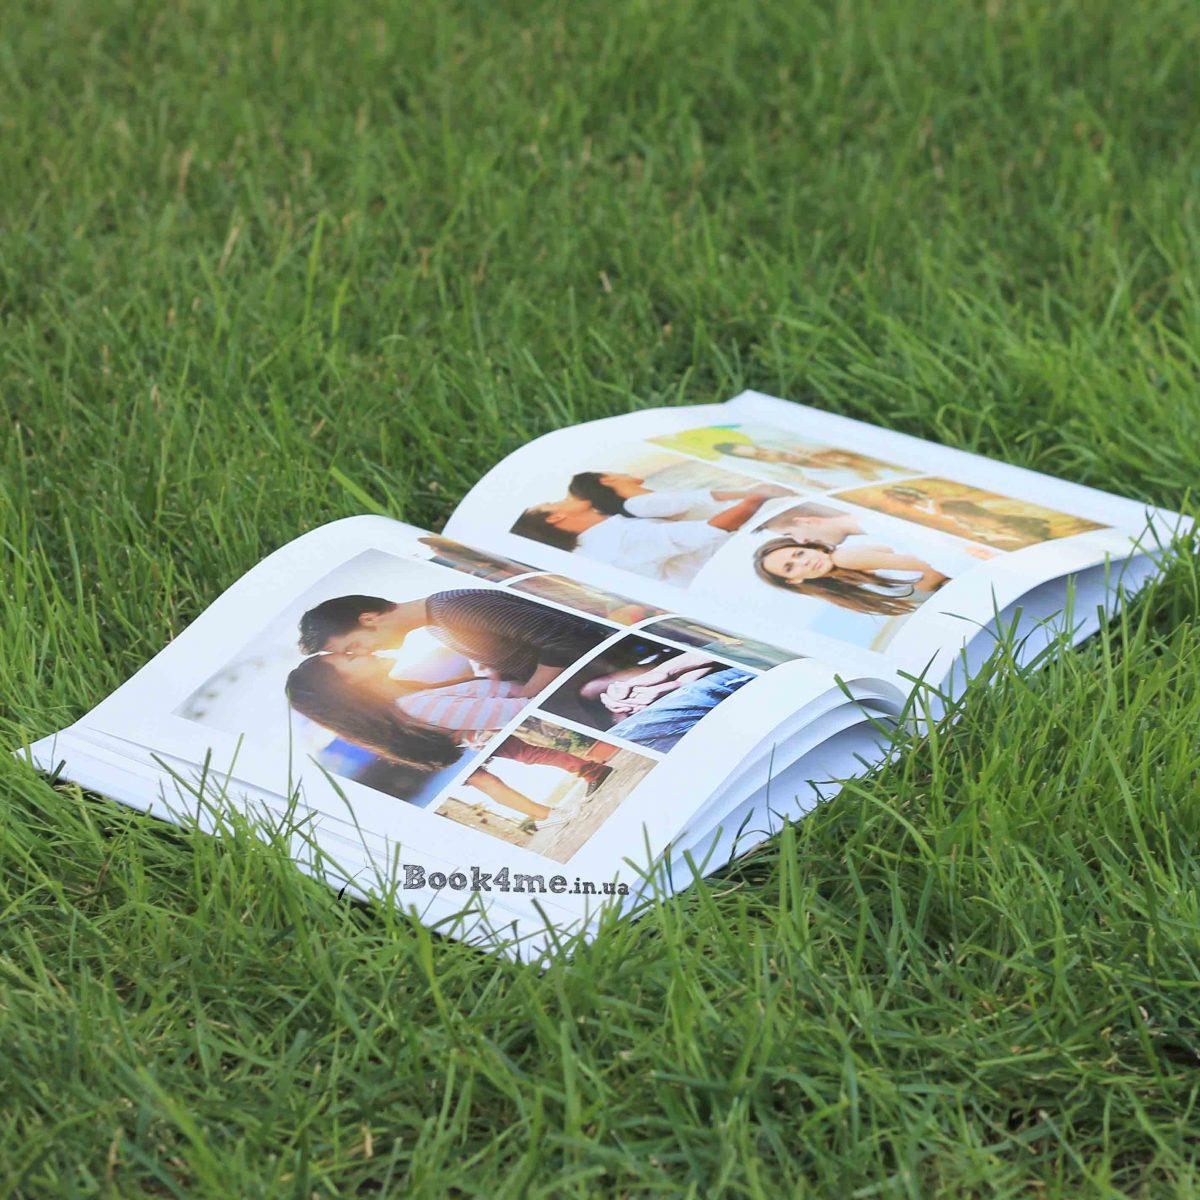 Инстабук Instabook - твердая обложка и мягкие страницы